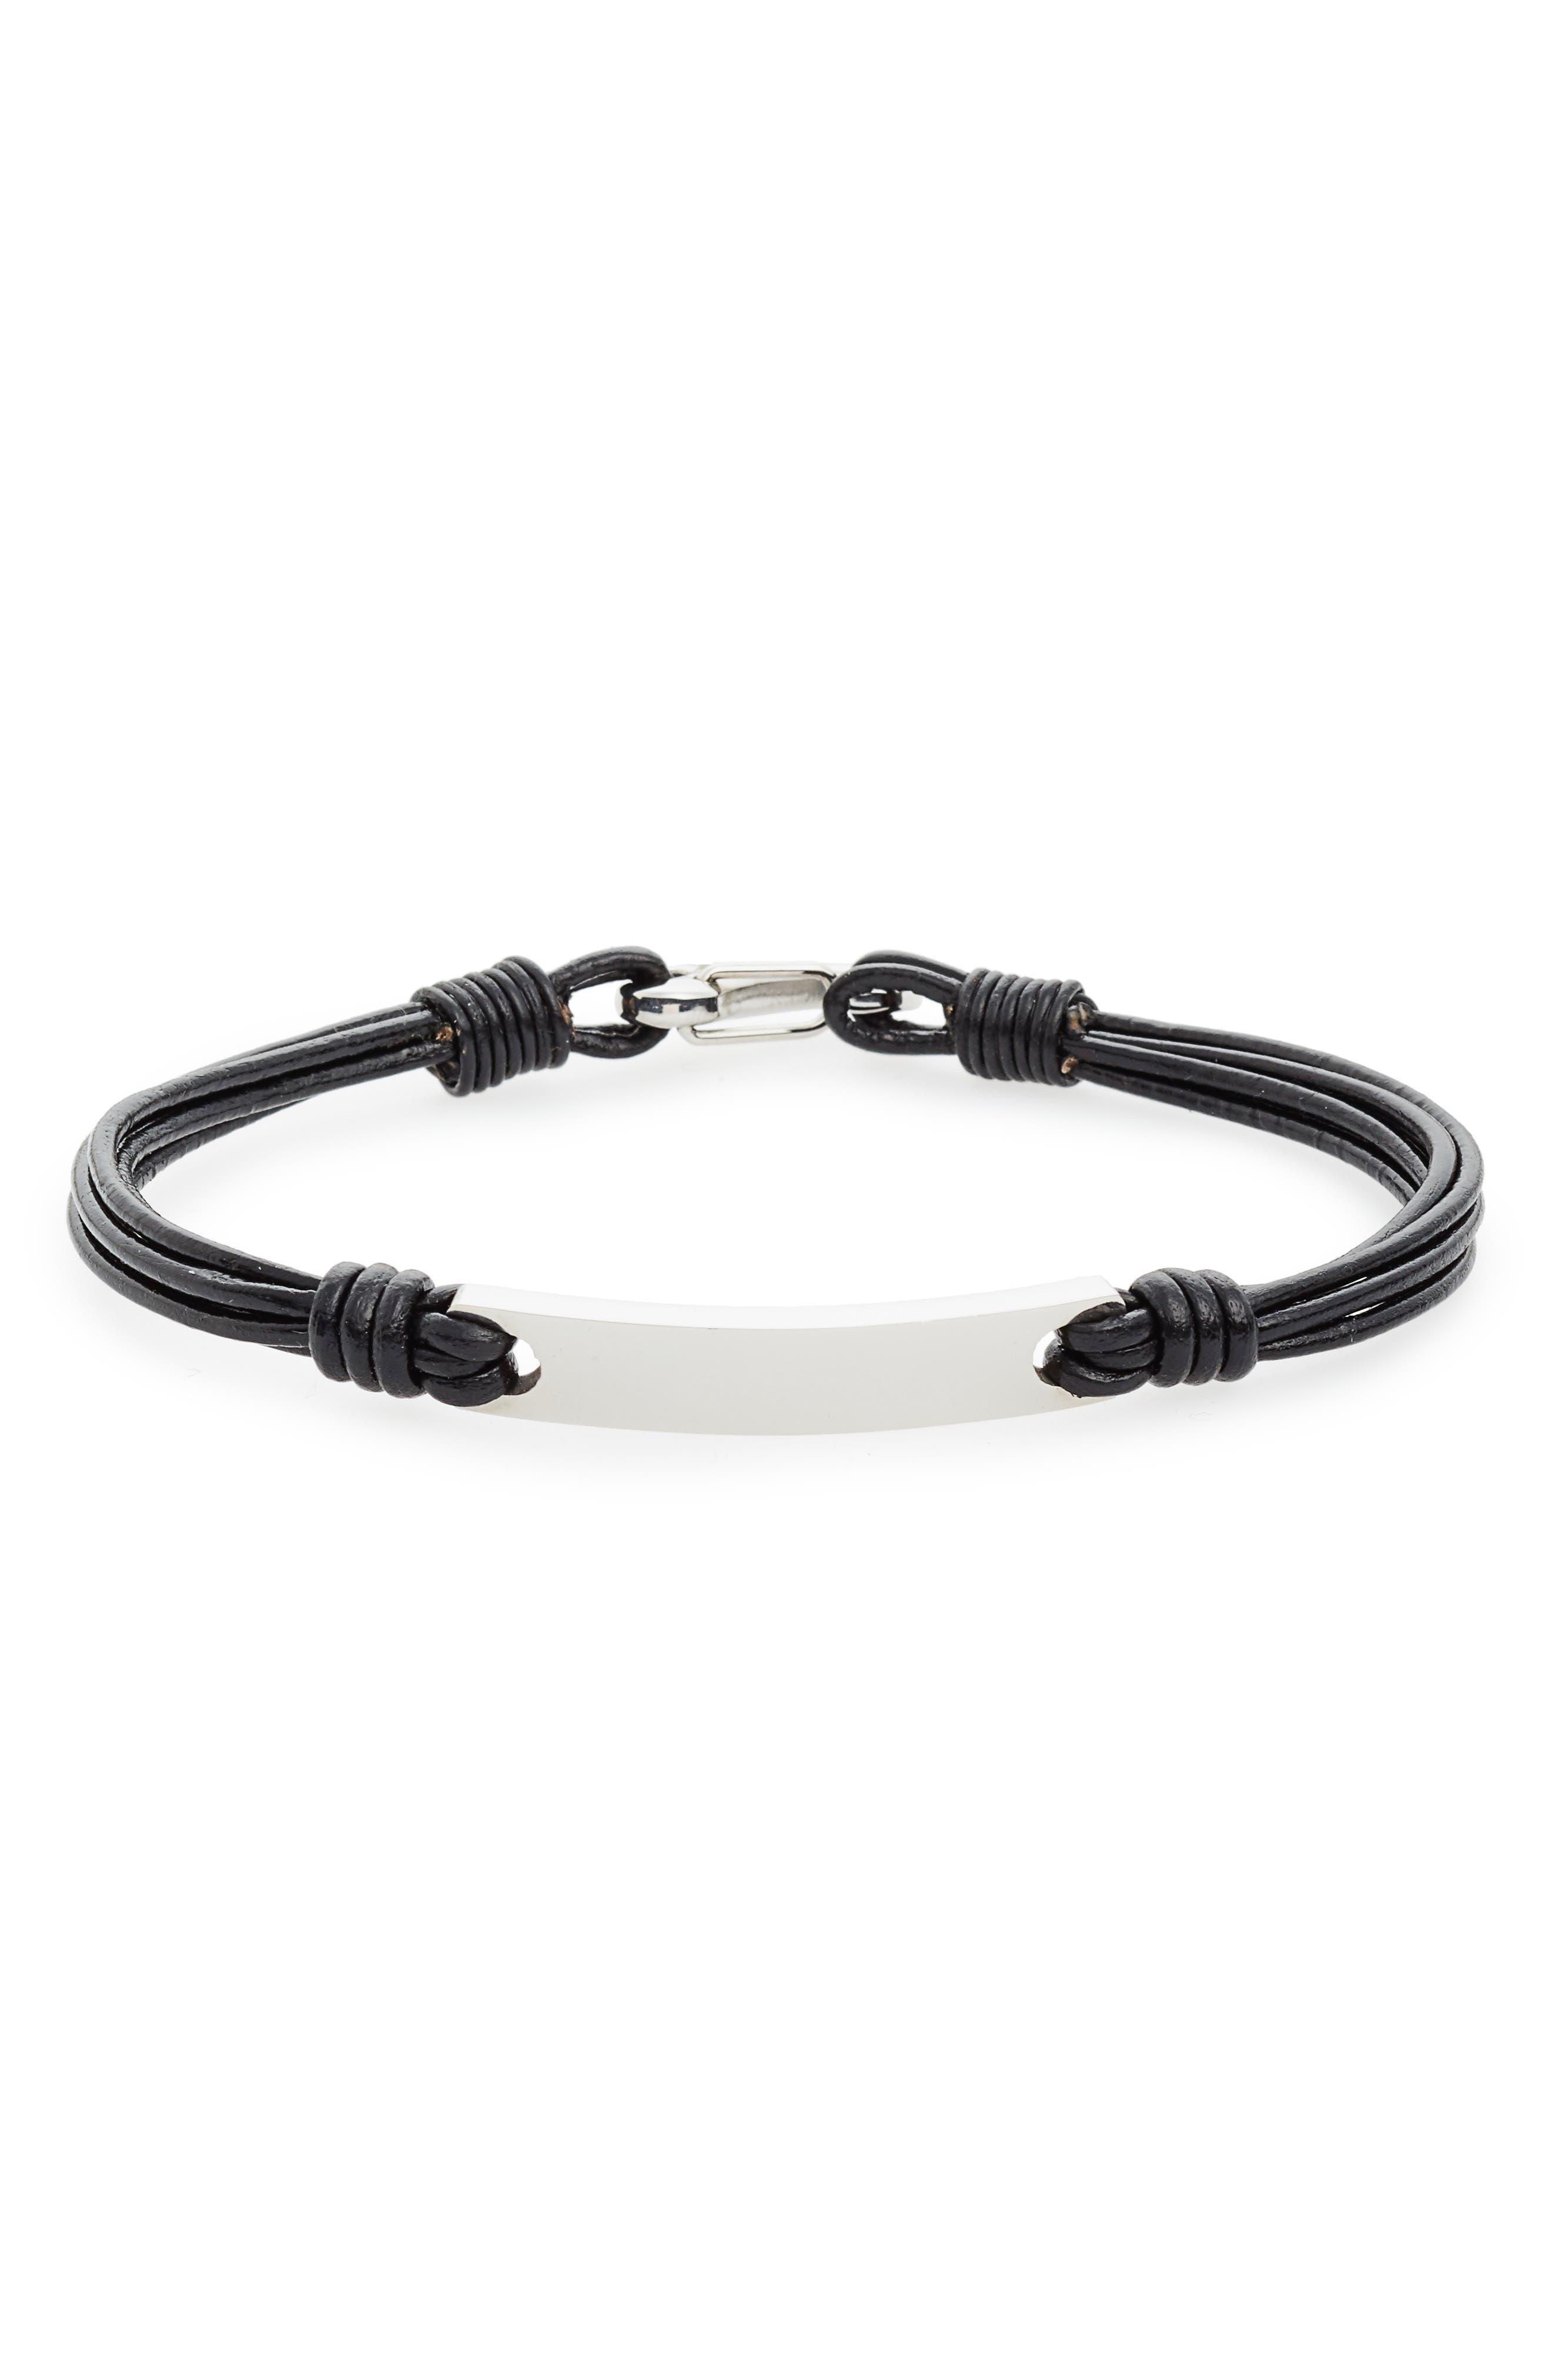 Alternate Image 1 Selected - Link Up Leather Strands Bracelet